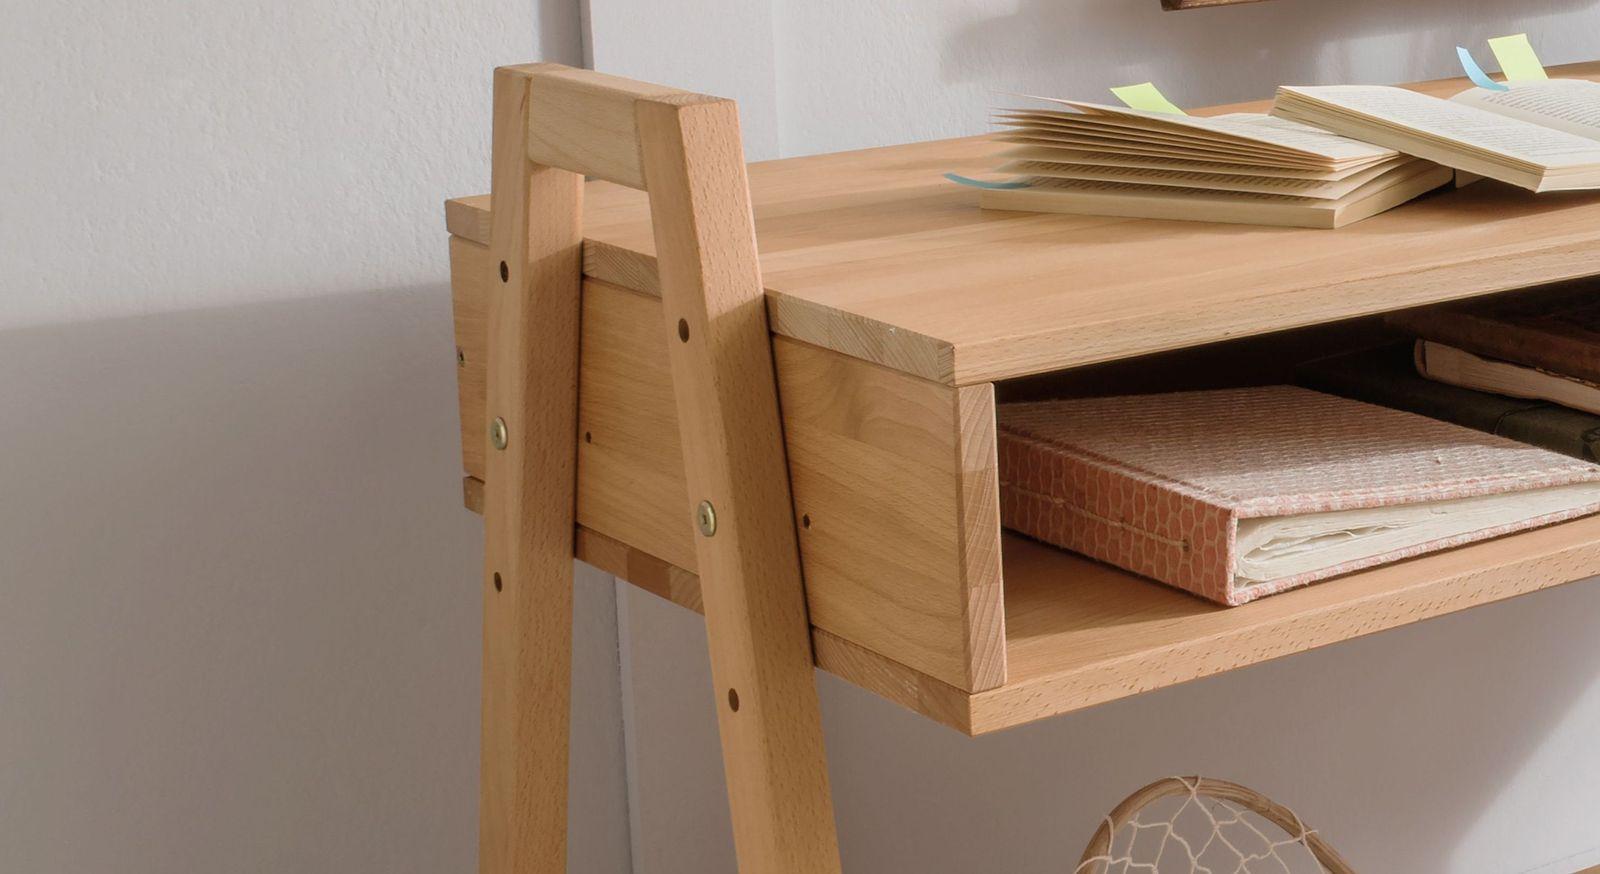 Retro-Schreibtisch Kids Fantasy höhenverstellbar mit 3-facher Verstelung